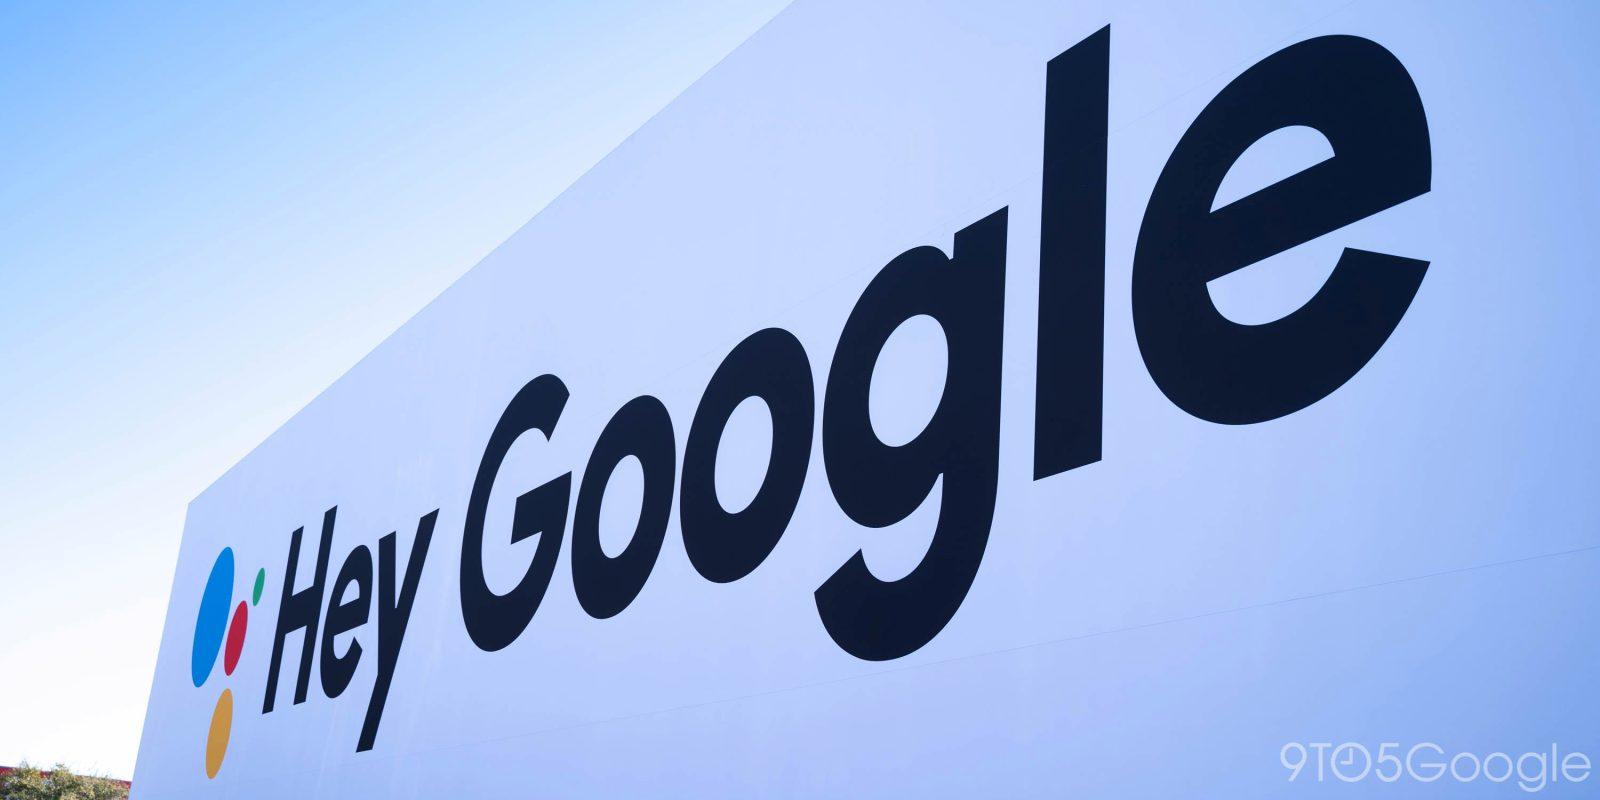 Usunięcie Google Duo na rzecz Meet